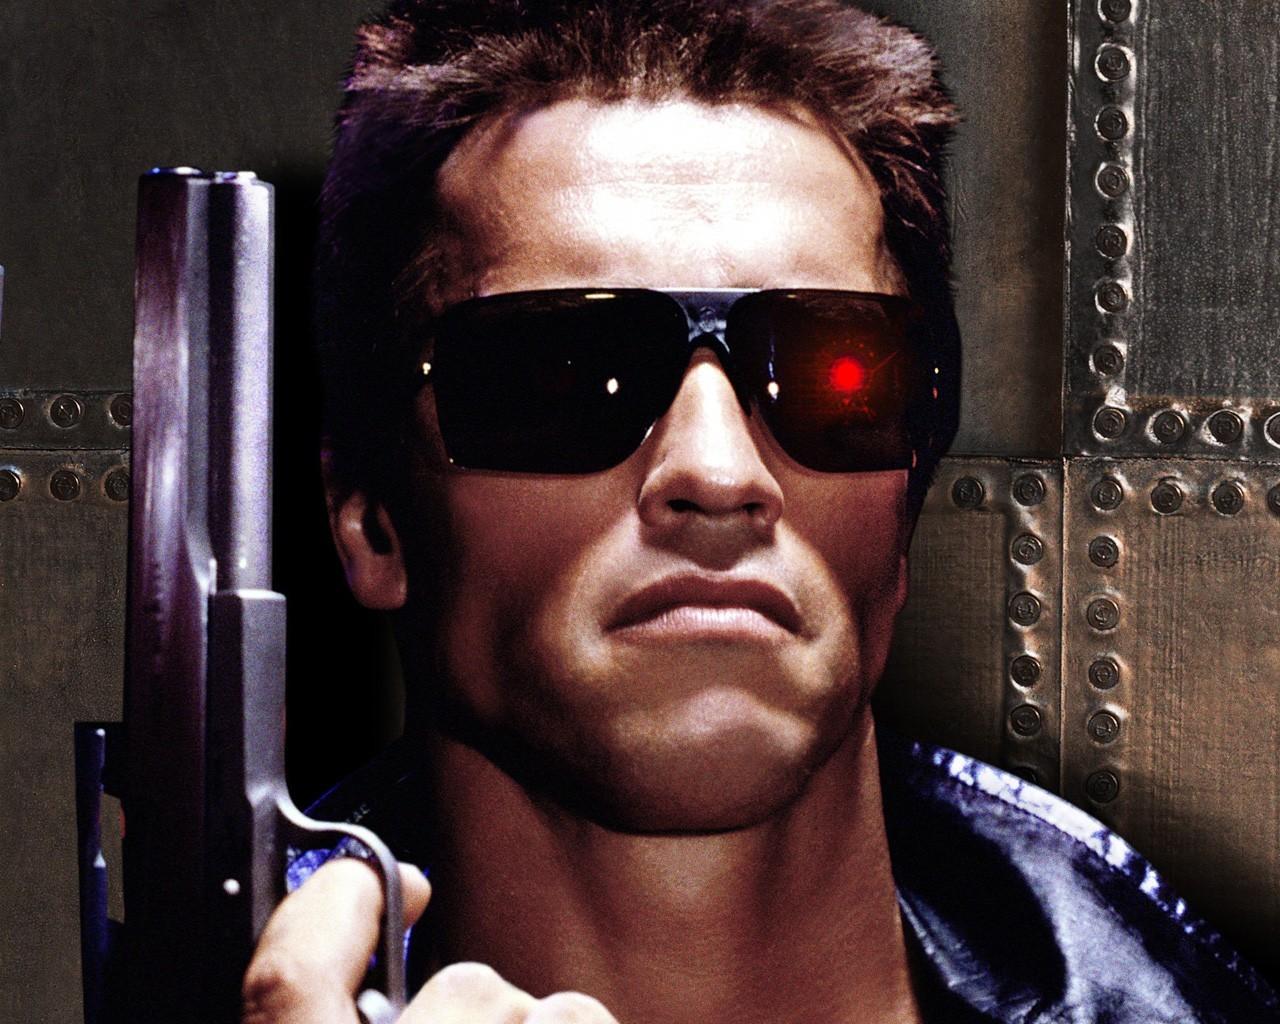 Erkennst du den Kinofilm an der Brille? | Playbuzz